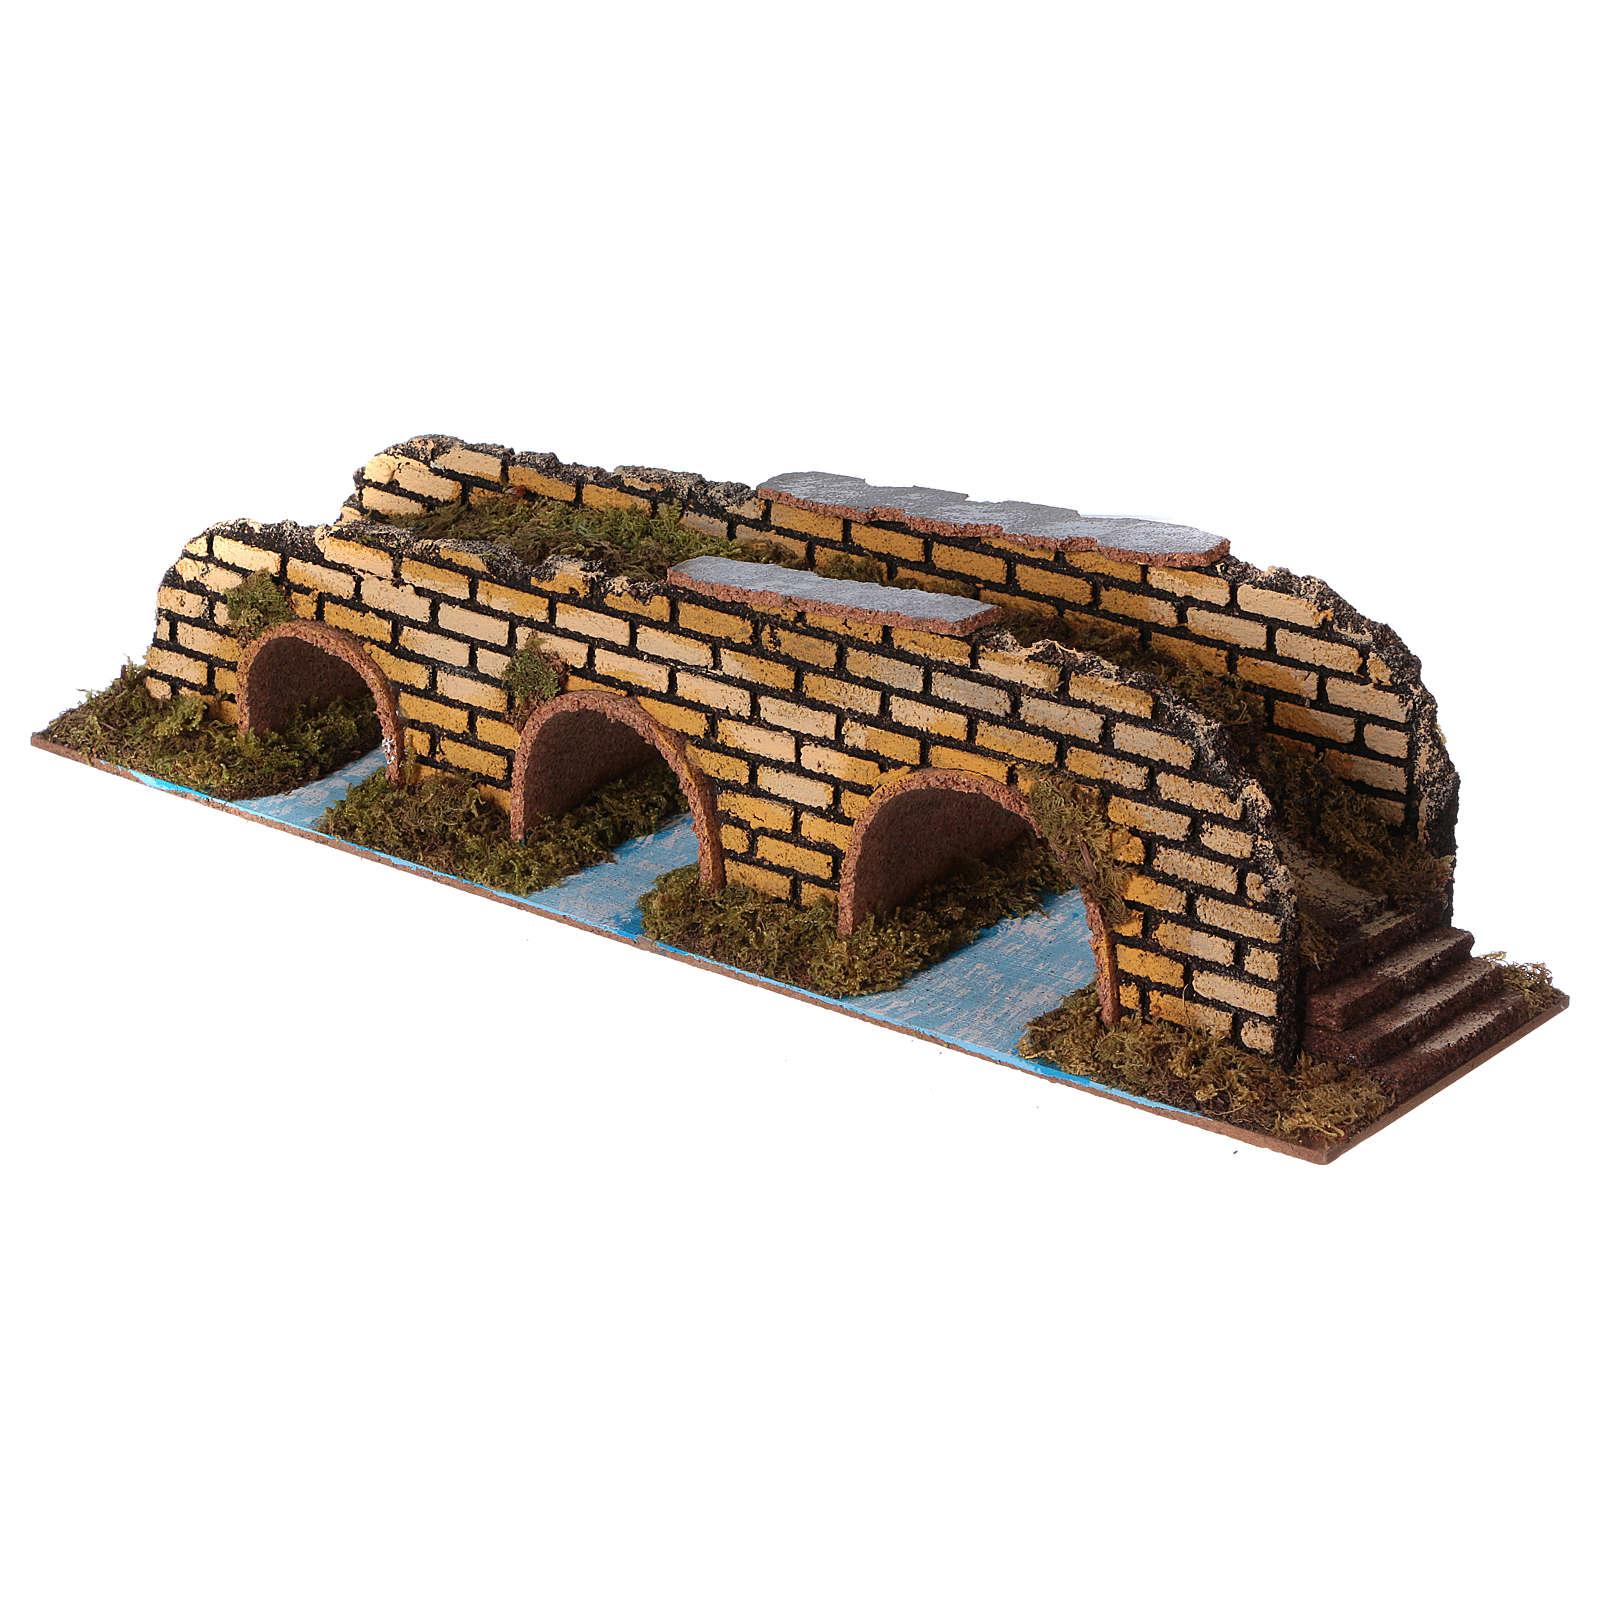 Puente sobre río 3 arcos 35x10x8,5cm 4